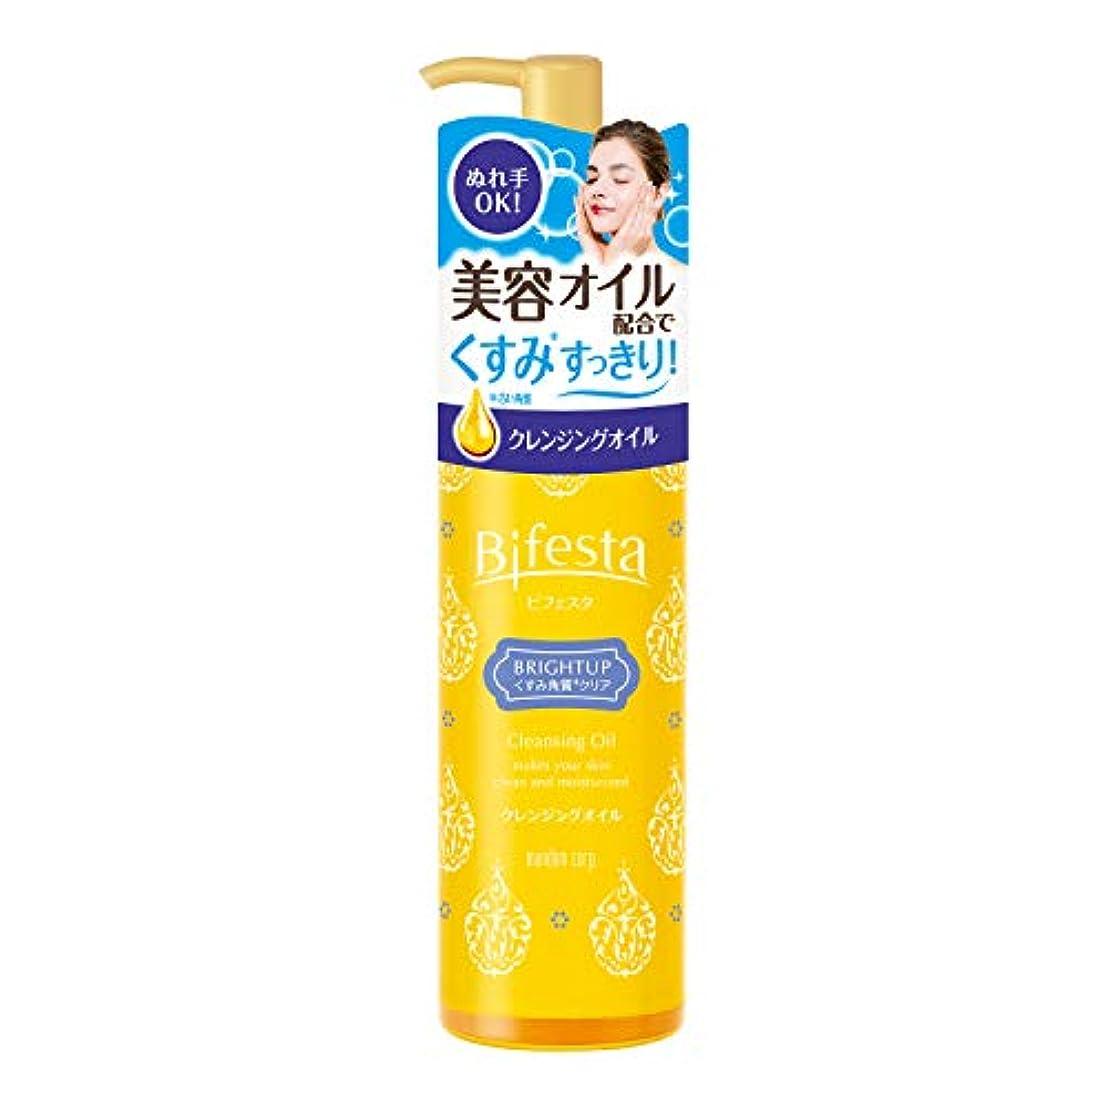 問い合わせる胆嚢早熟Bifesta(ビフェスタ) クレンジングオイル ブライトアップ 230mL